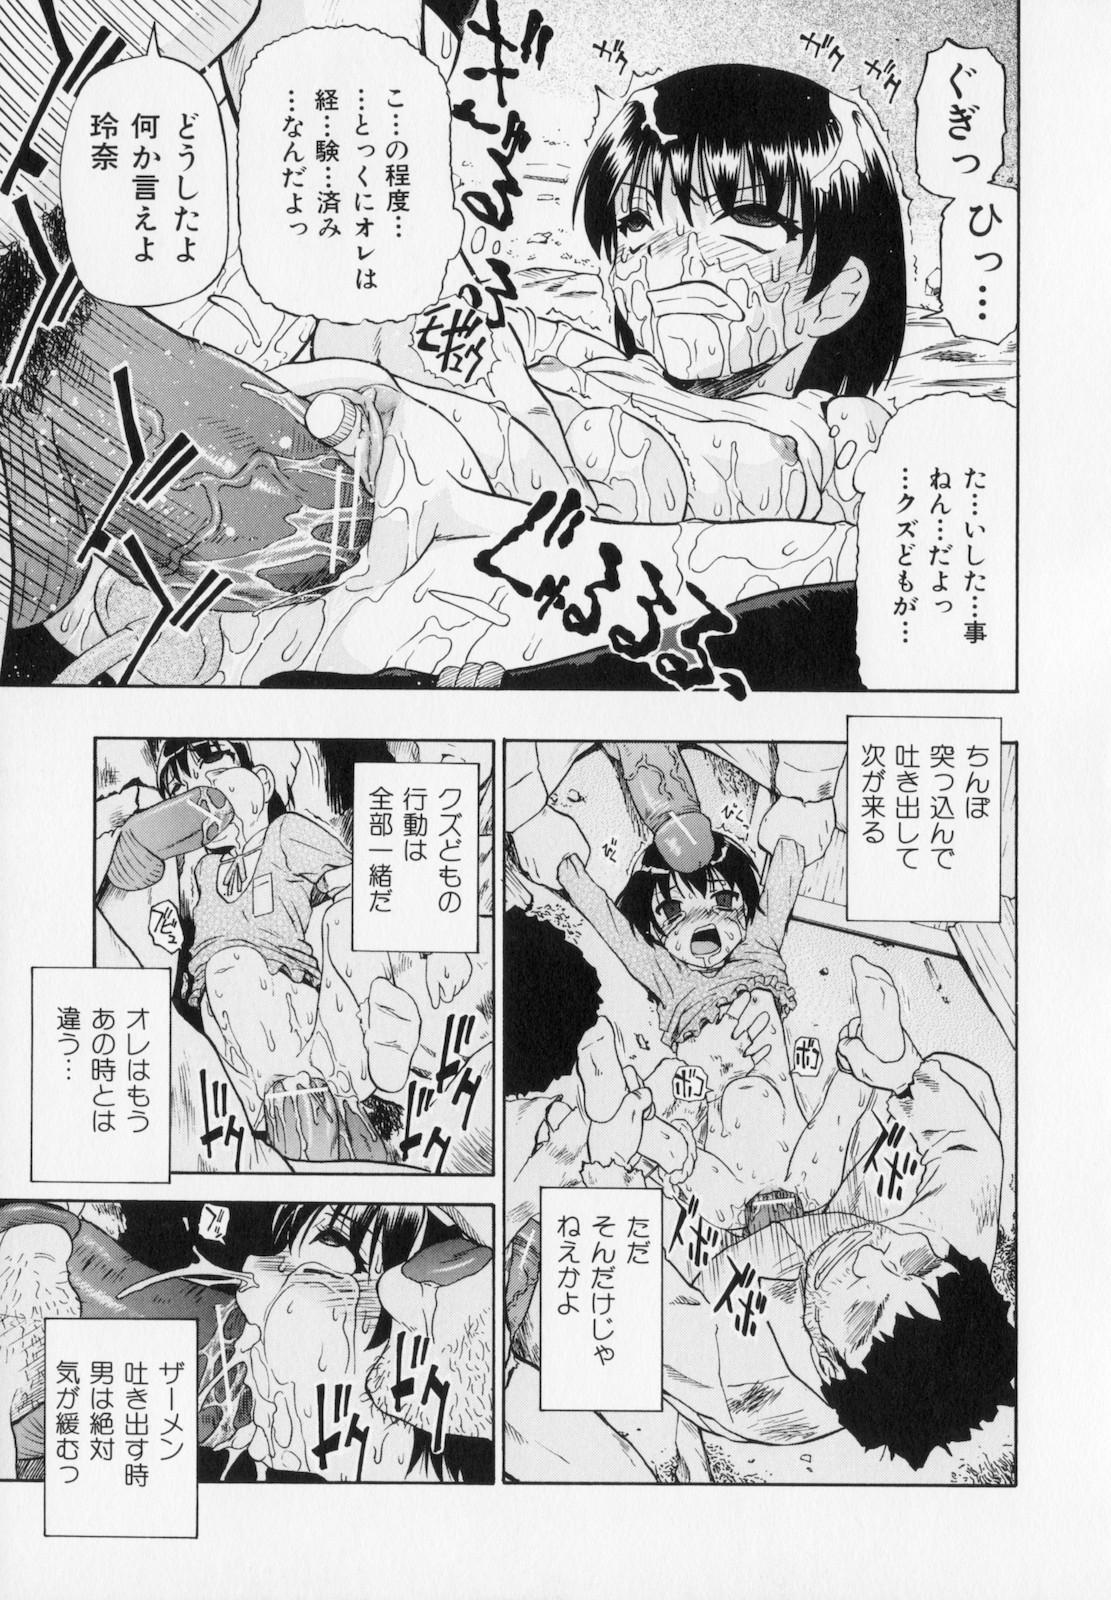 Hitodenashi no Utage - Veranstaltungsräume von Brute 58